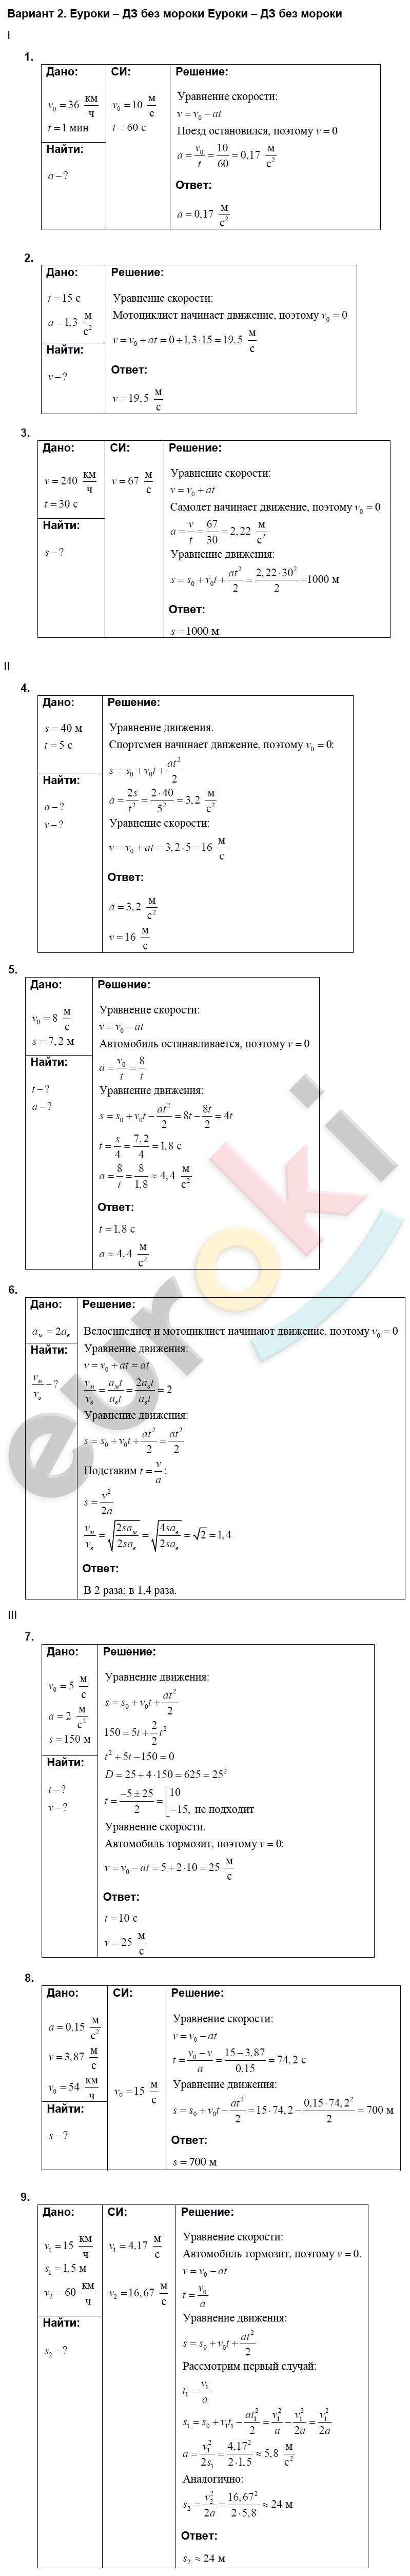 10 дидактические материалы класс решебник онлайн марона